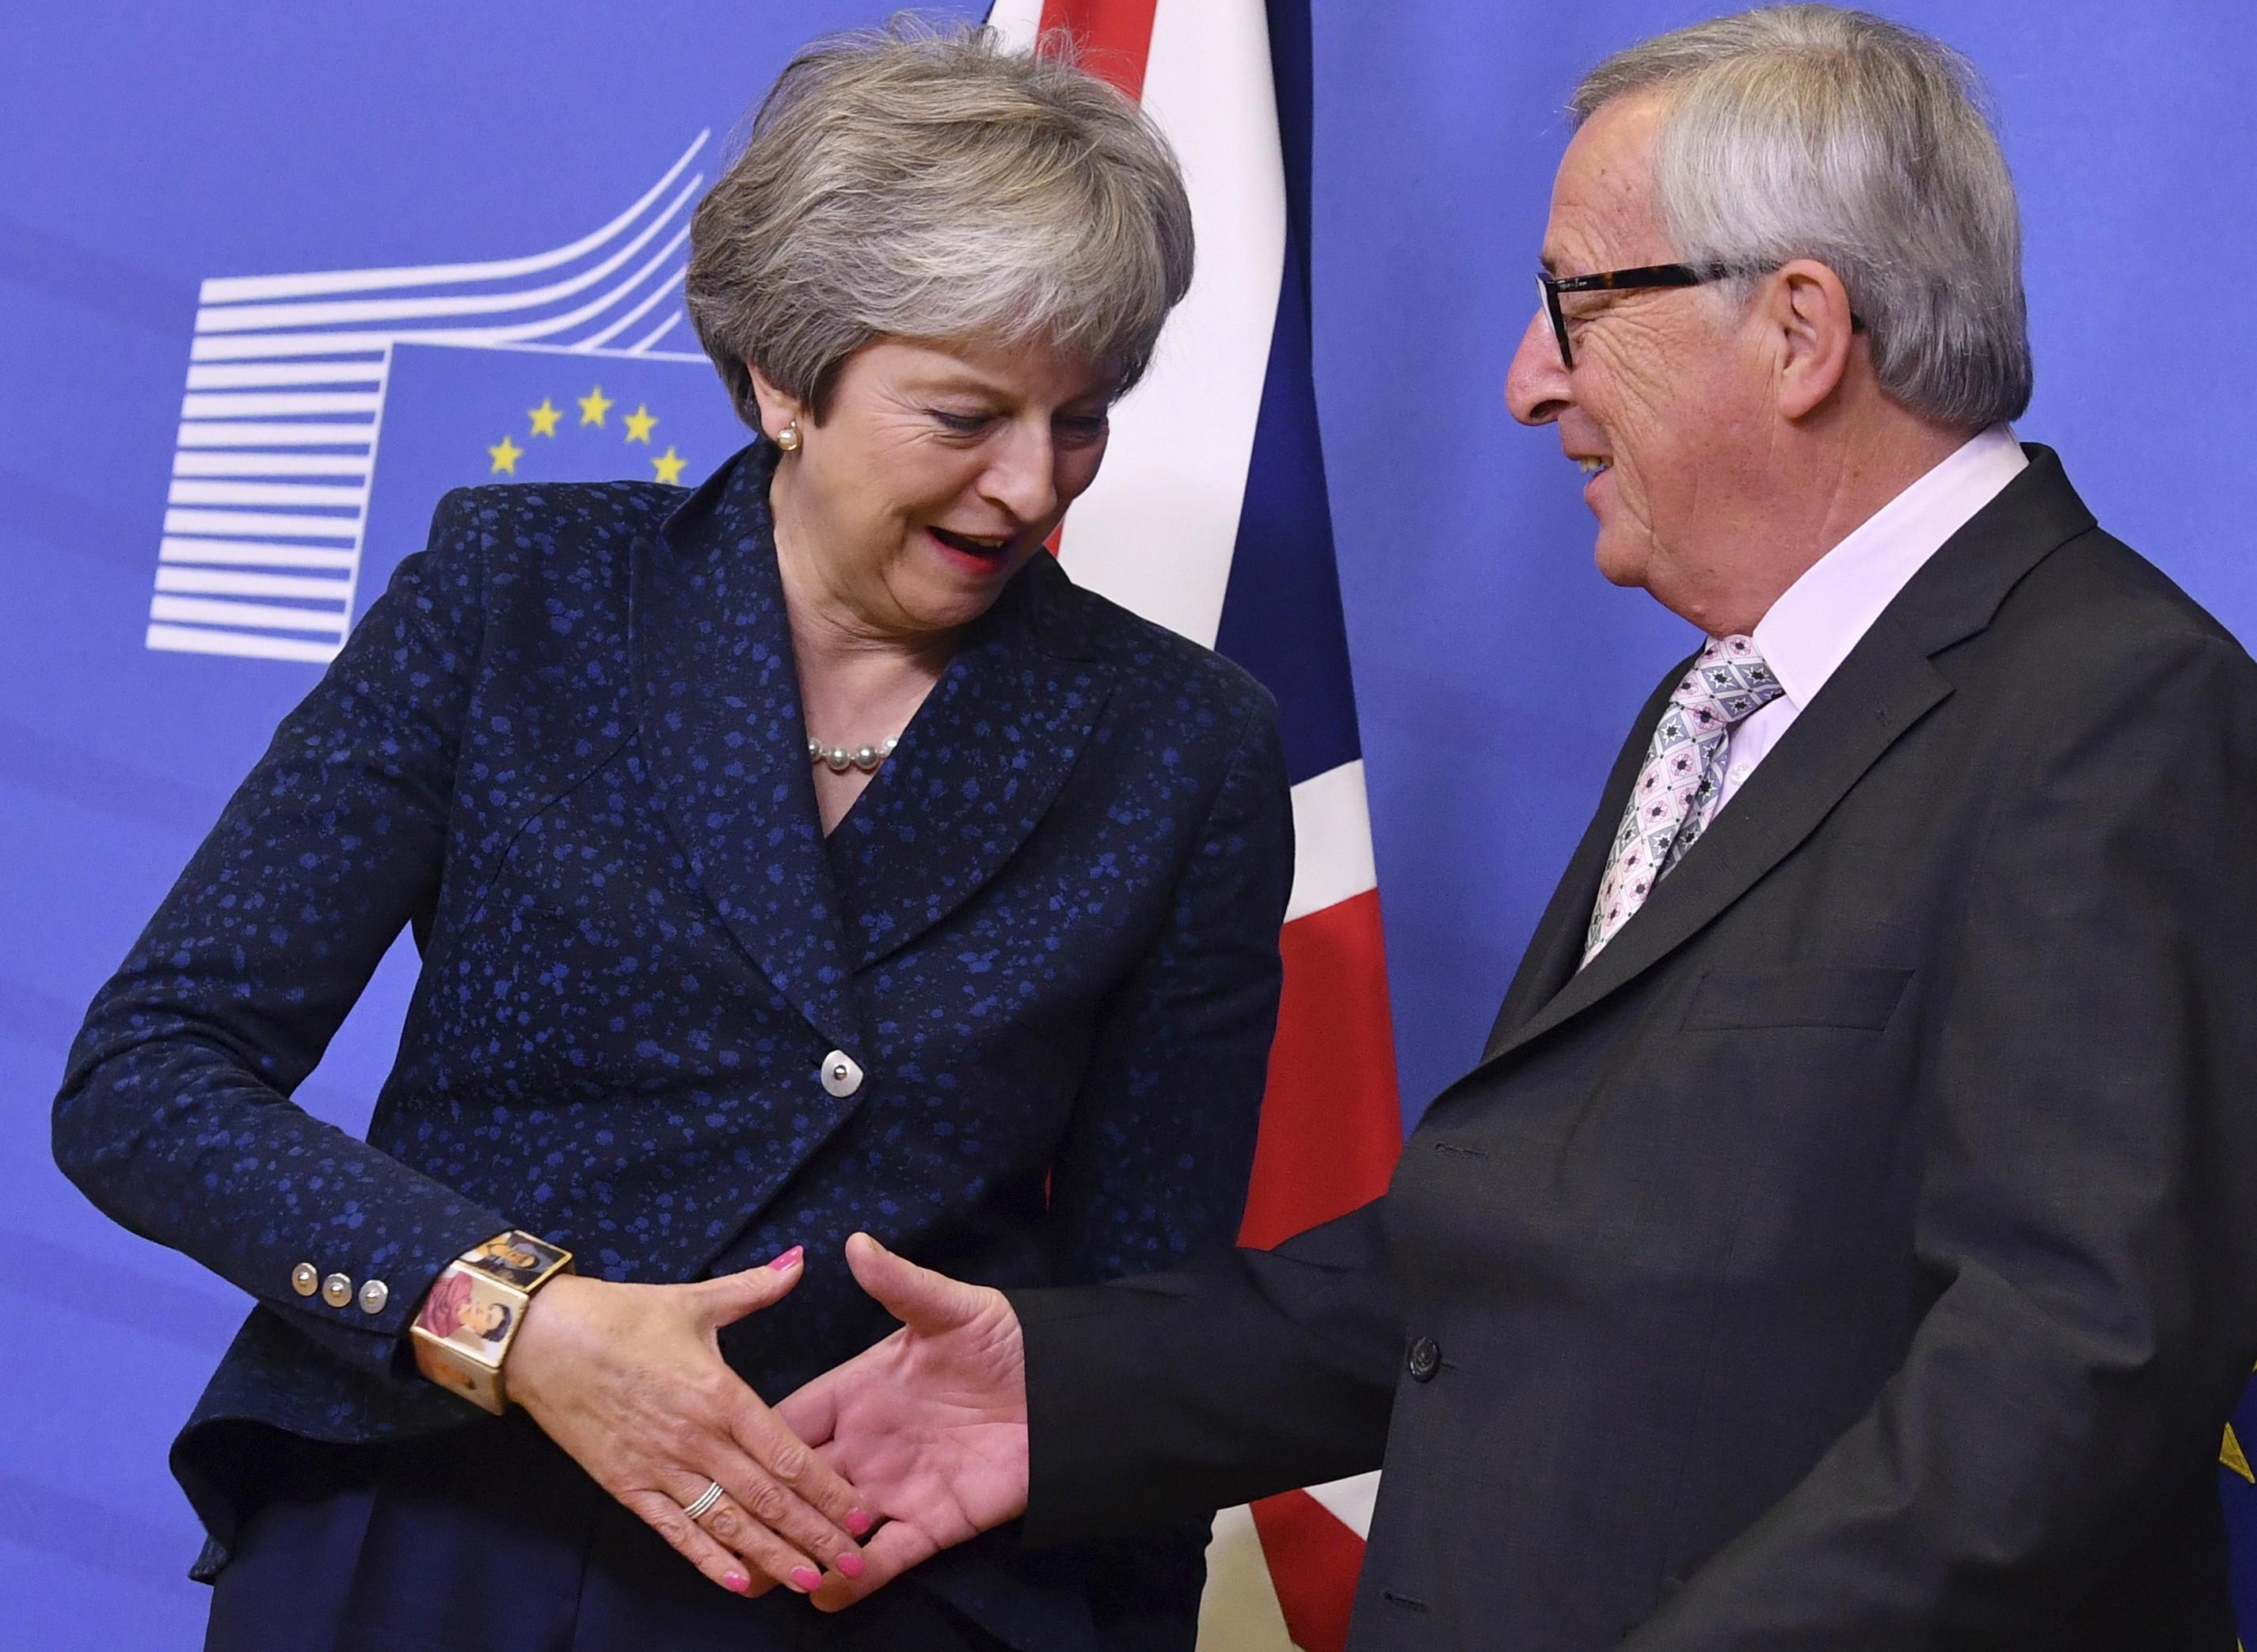 Decisão histórica inicia processo de ratificação da 1ª saída de um país da  UE. O presidente do Comissão Europeia, Jean-Claude ... a235ab4213